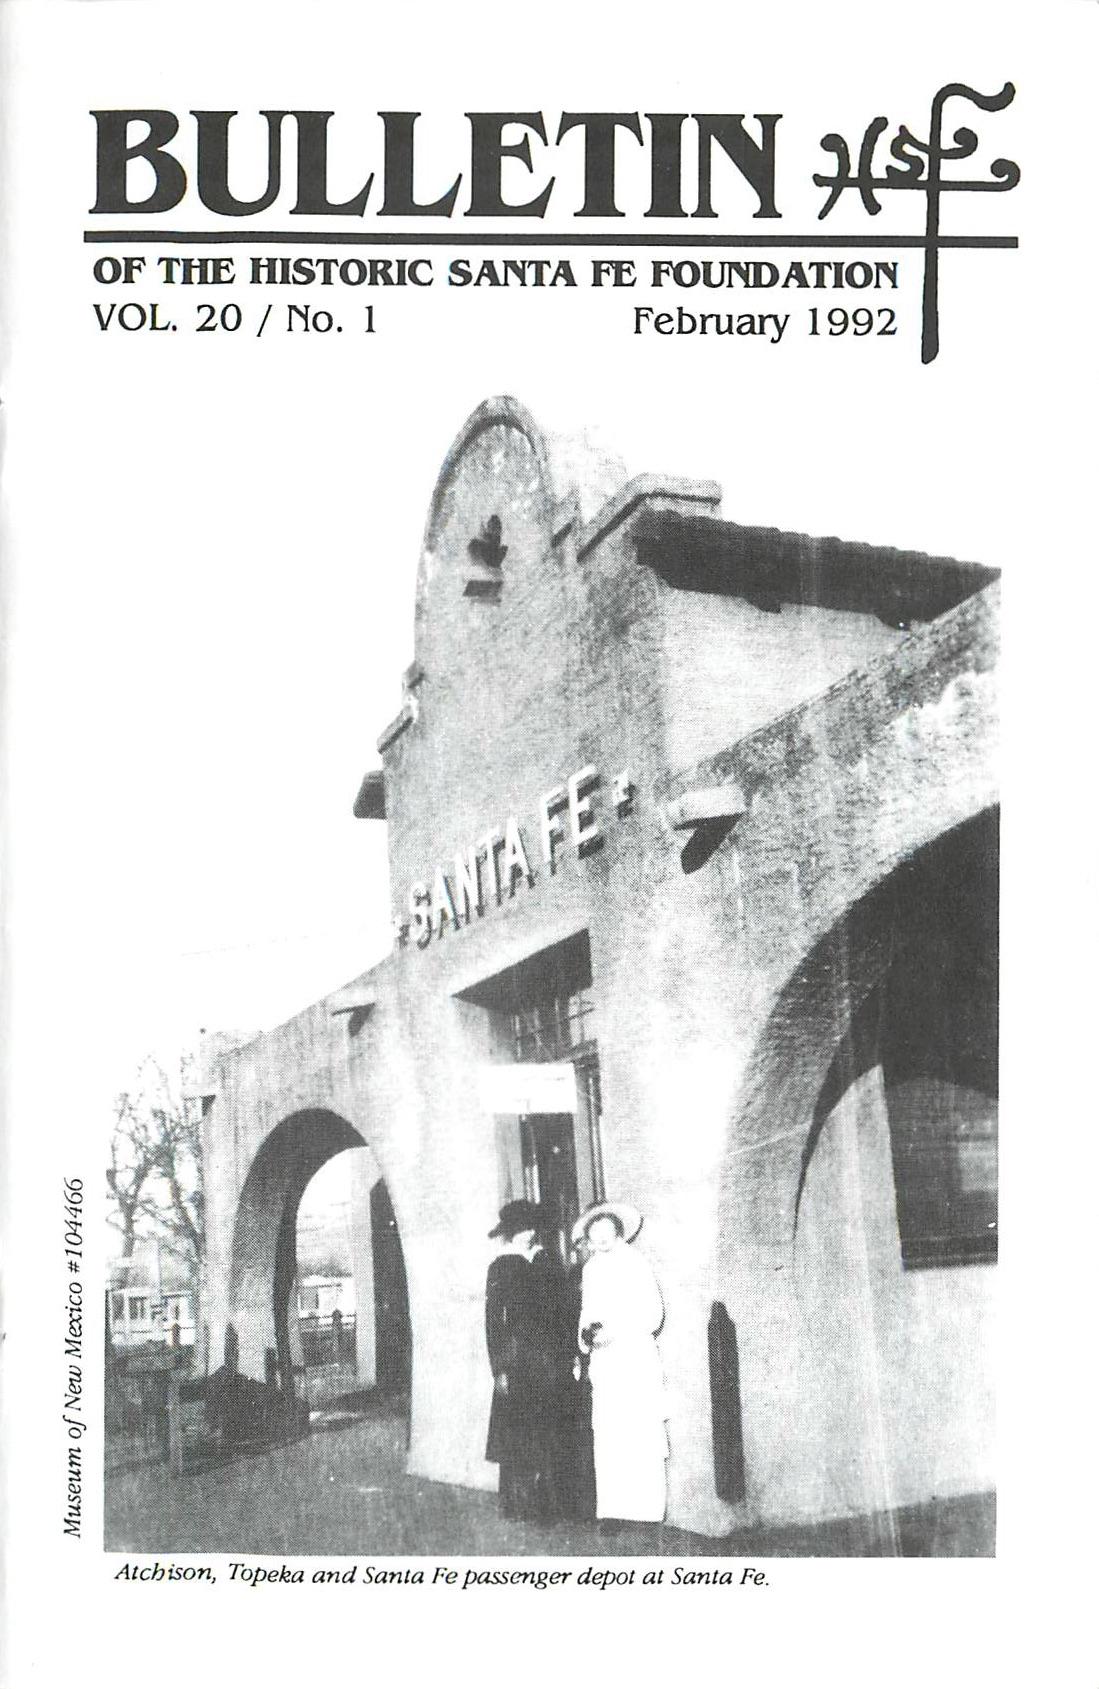 1992 HSFF Bulletin Vol.20 No.1 Cover